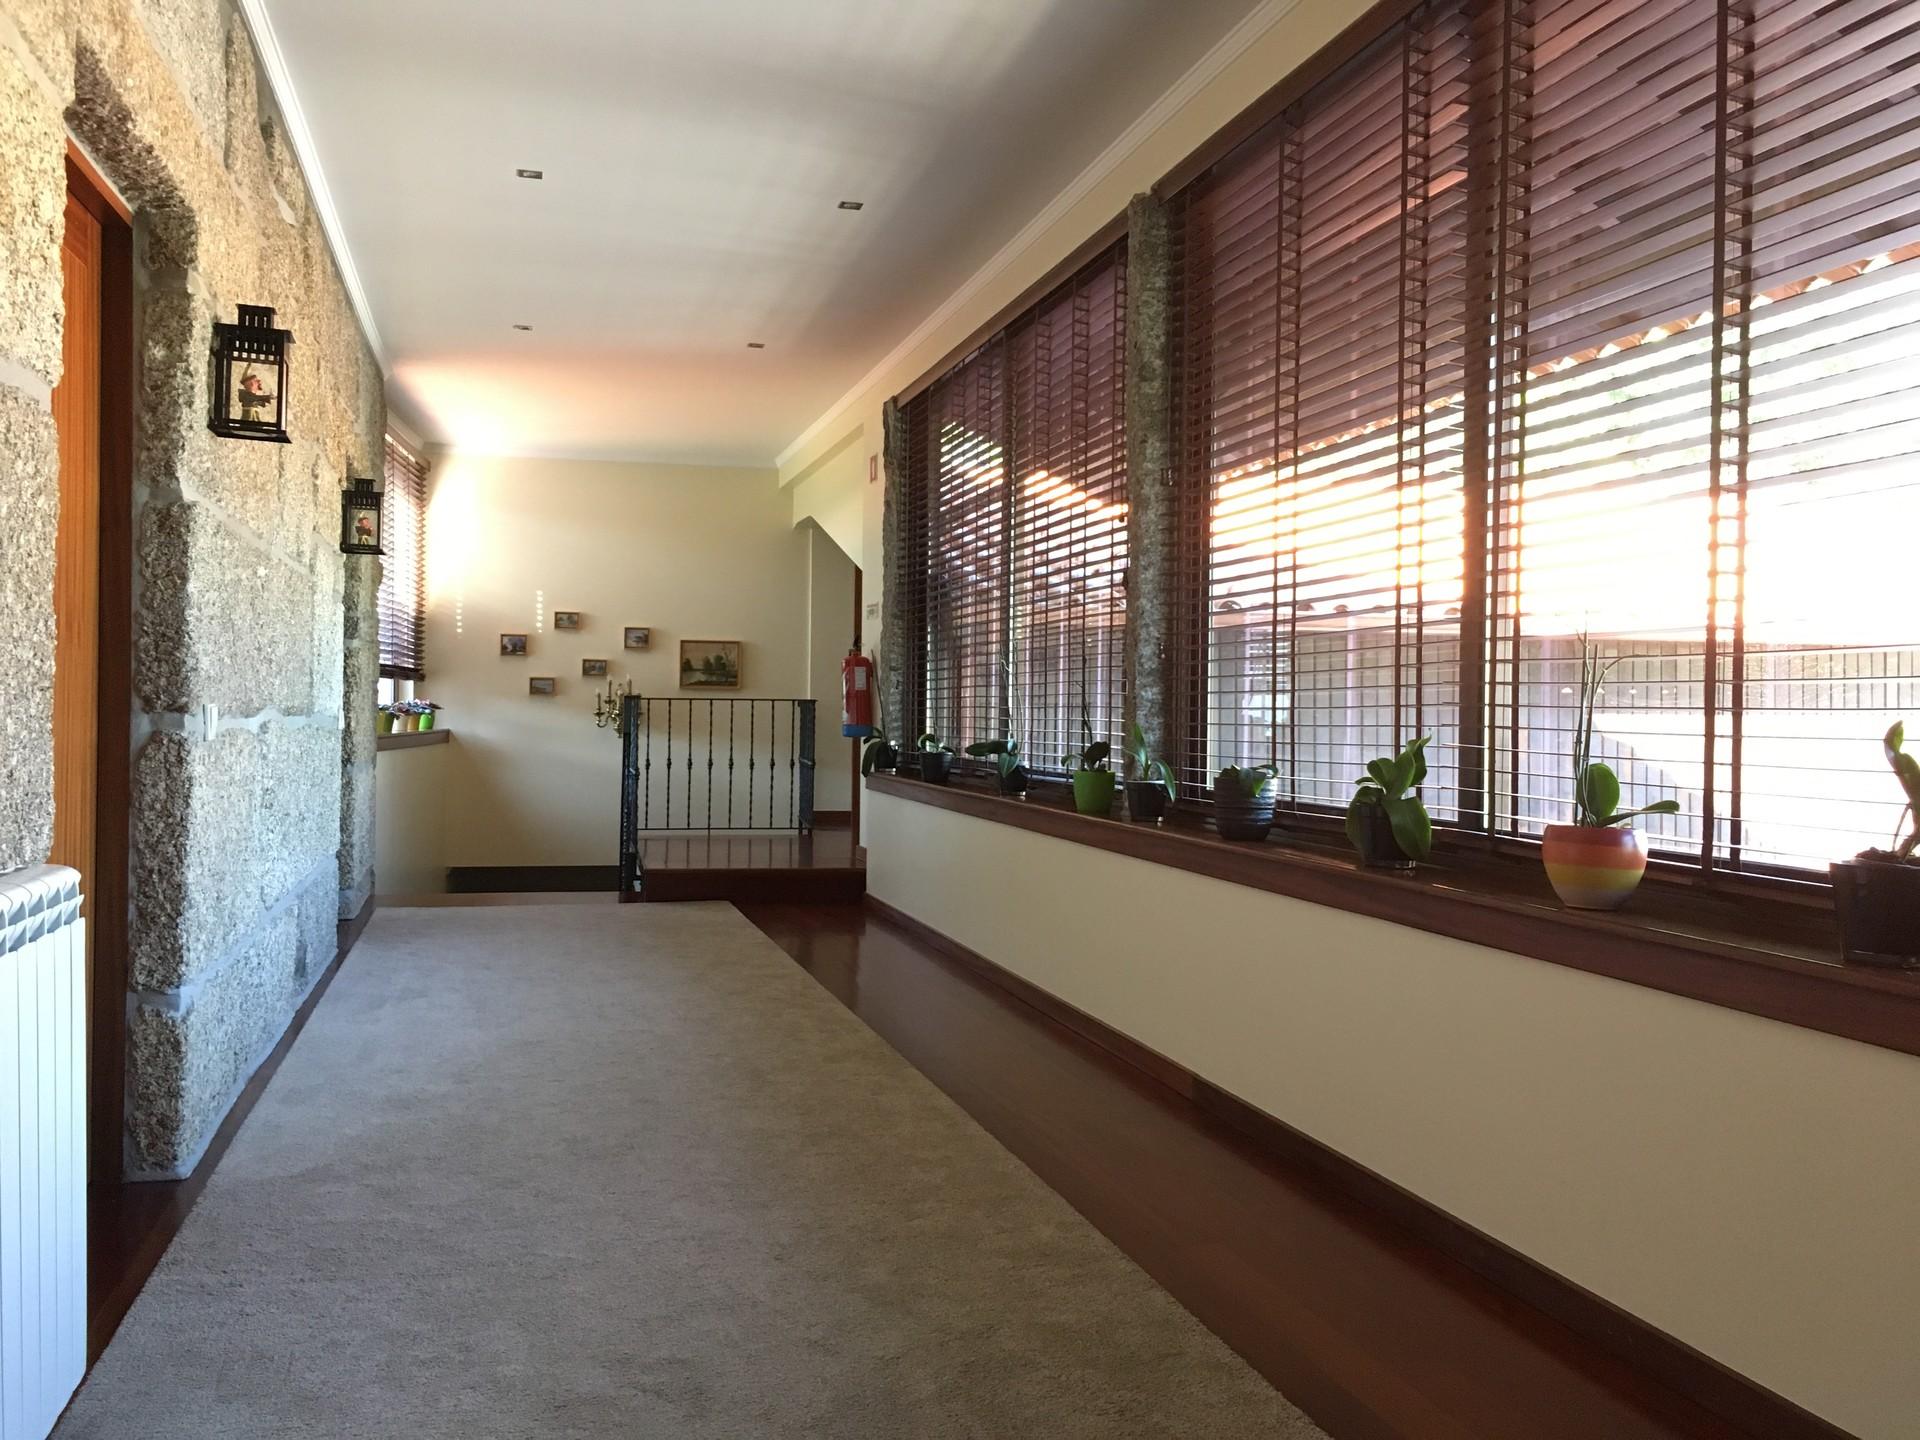 Cama individual en habitación compartida